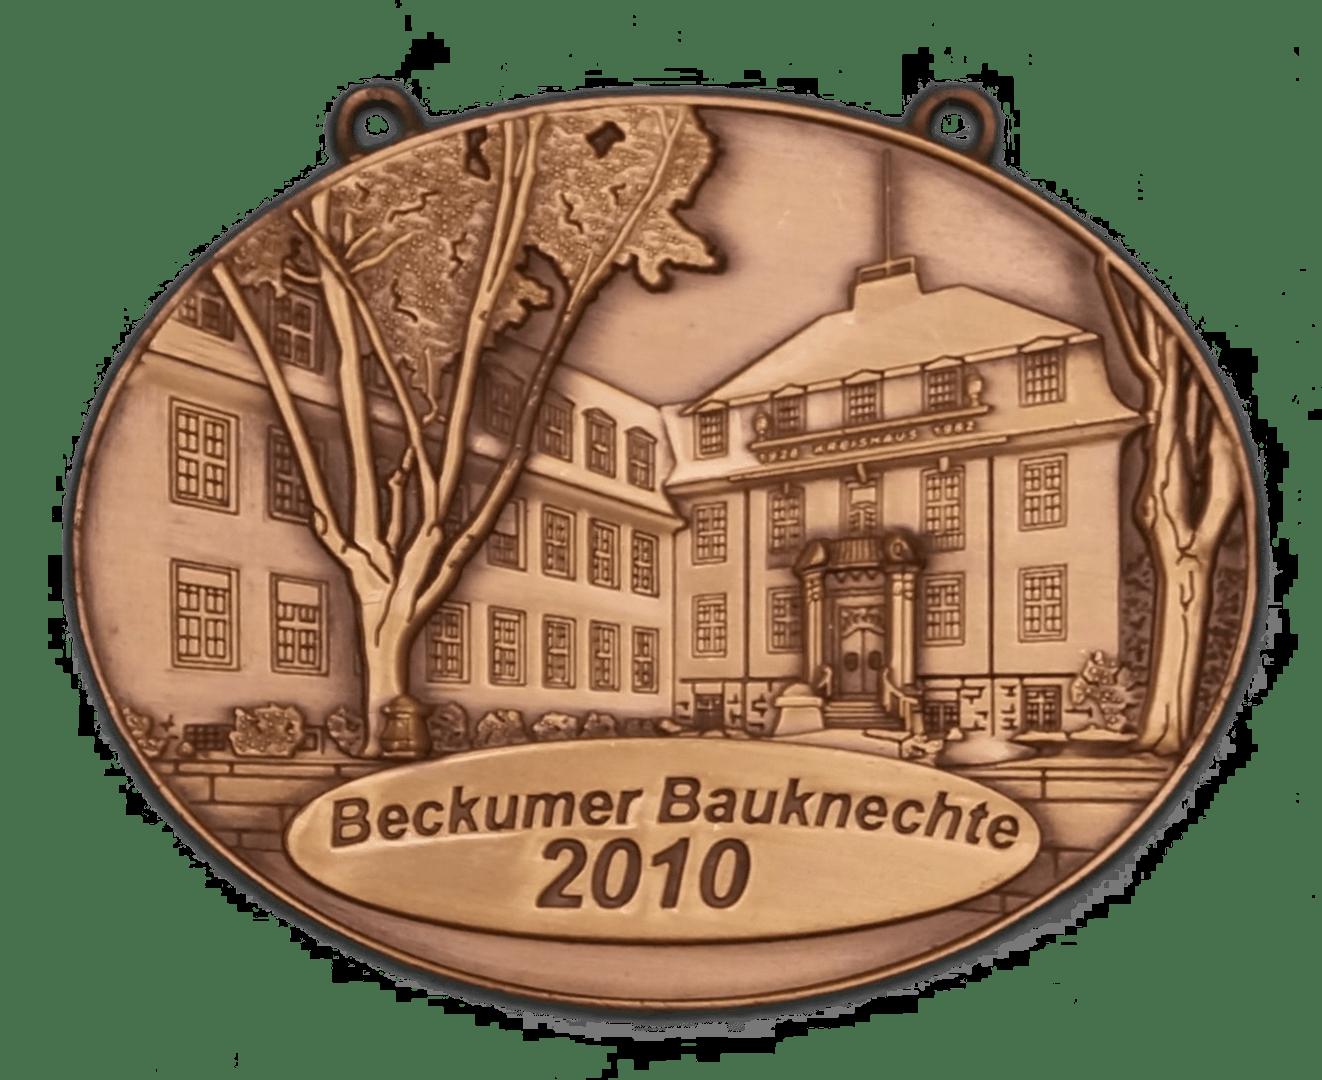 Beckumer-Bauknechte_Orden_2010